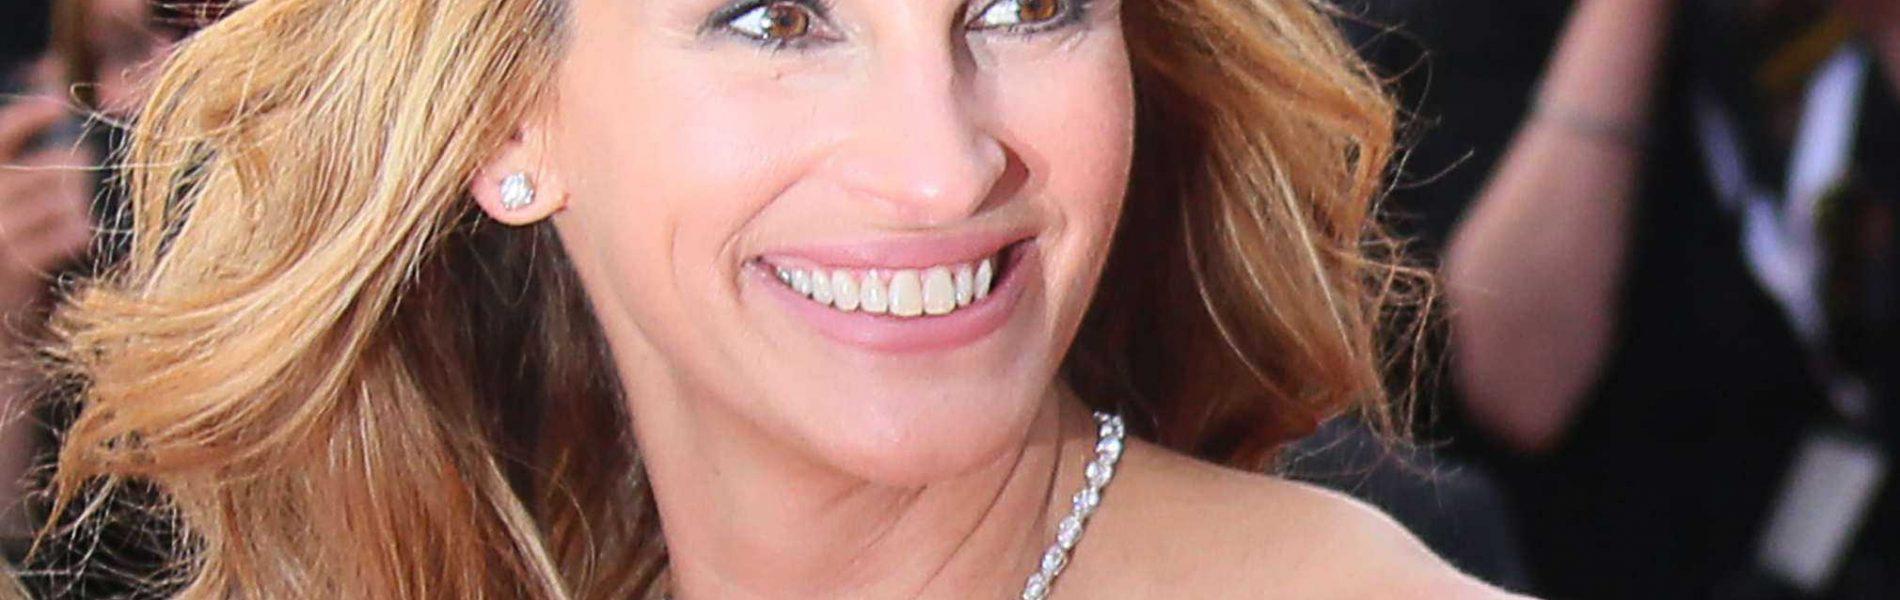 האם ג'וליה רוברטס היא שחקנית בינונית של קומדיות רומנטיות?